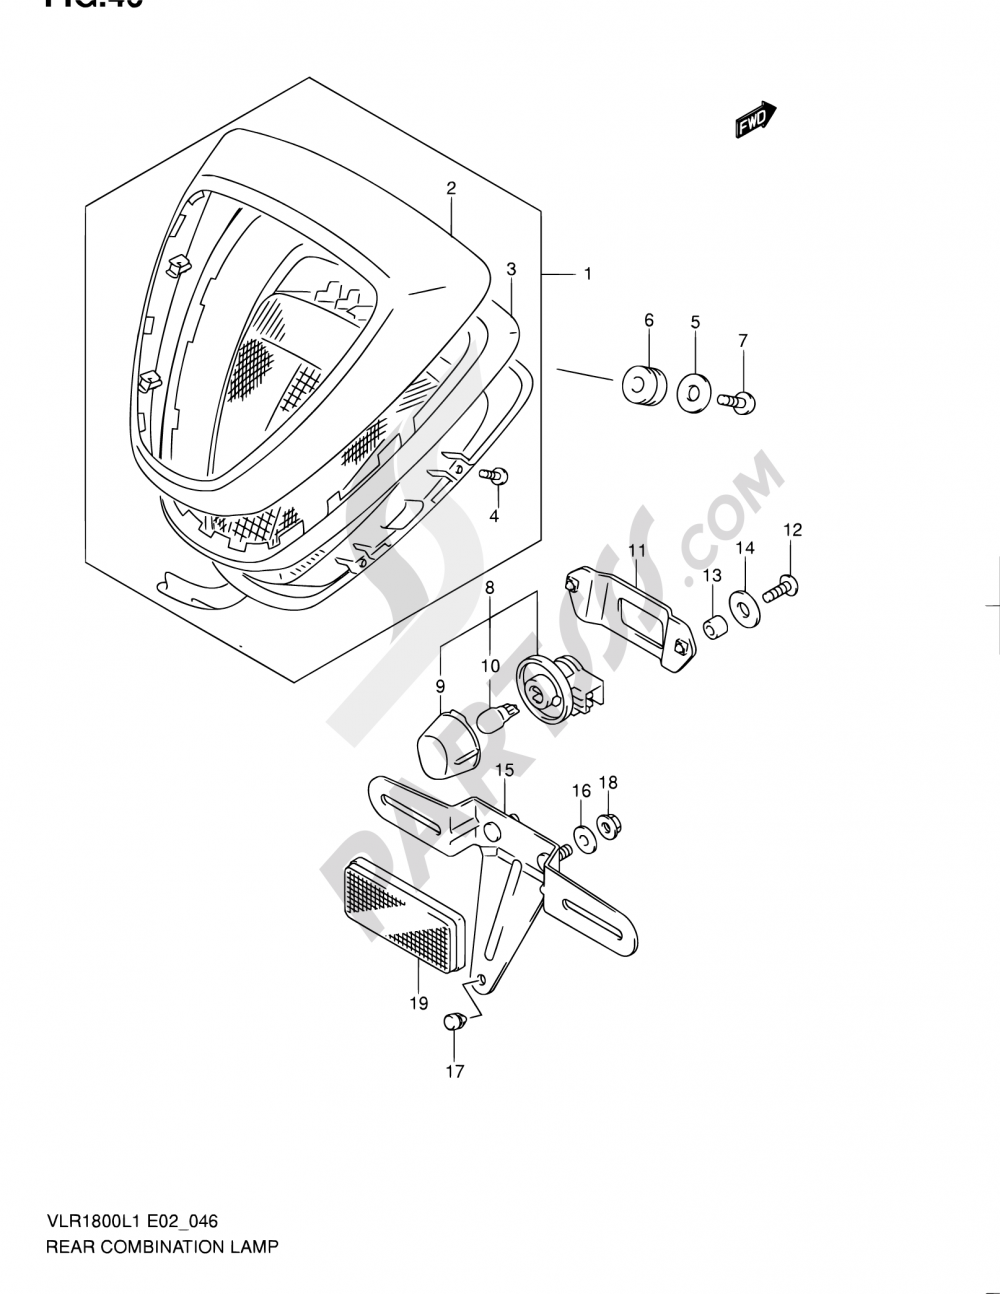 46 - REAR COMBINATION LAMP (VLR1800L1 E02) Suzuki INTRUDER VLR1800 2011